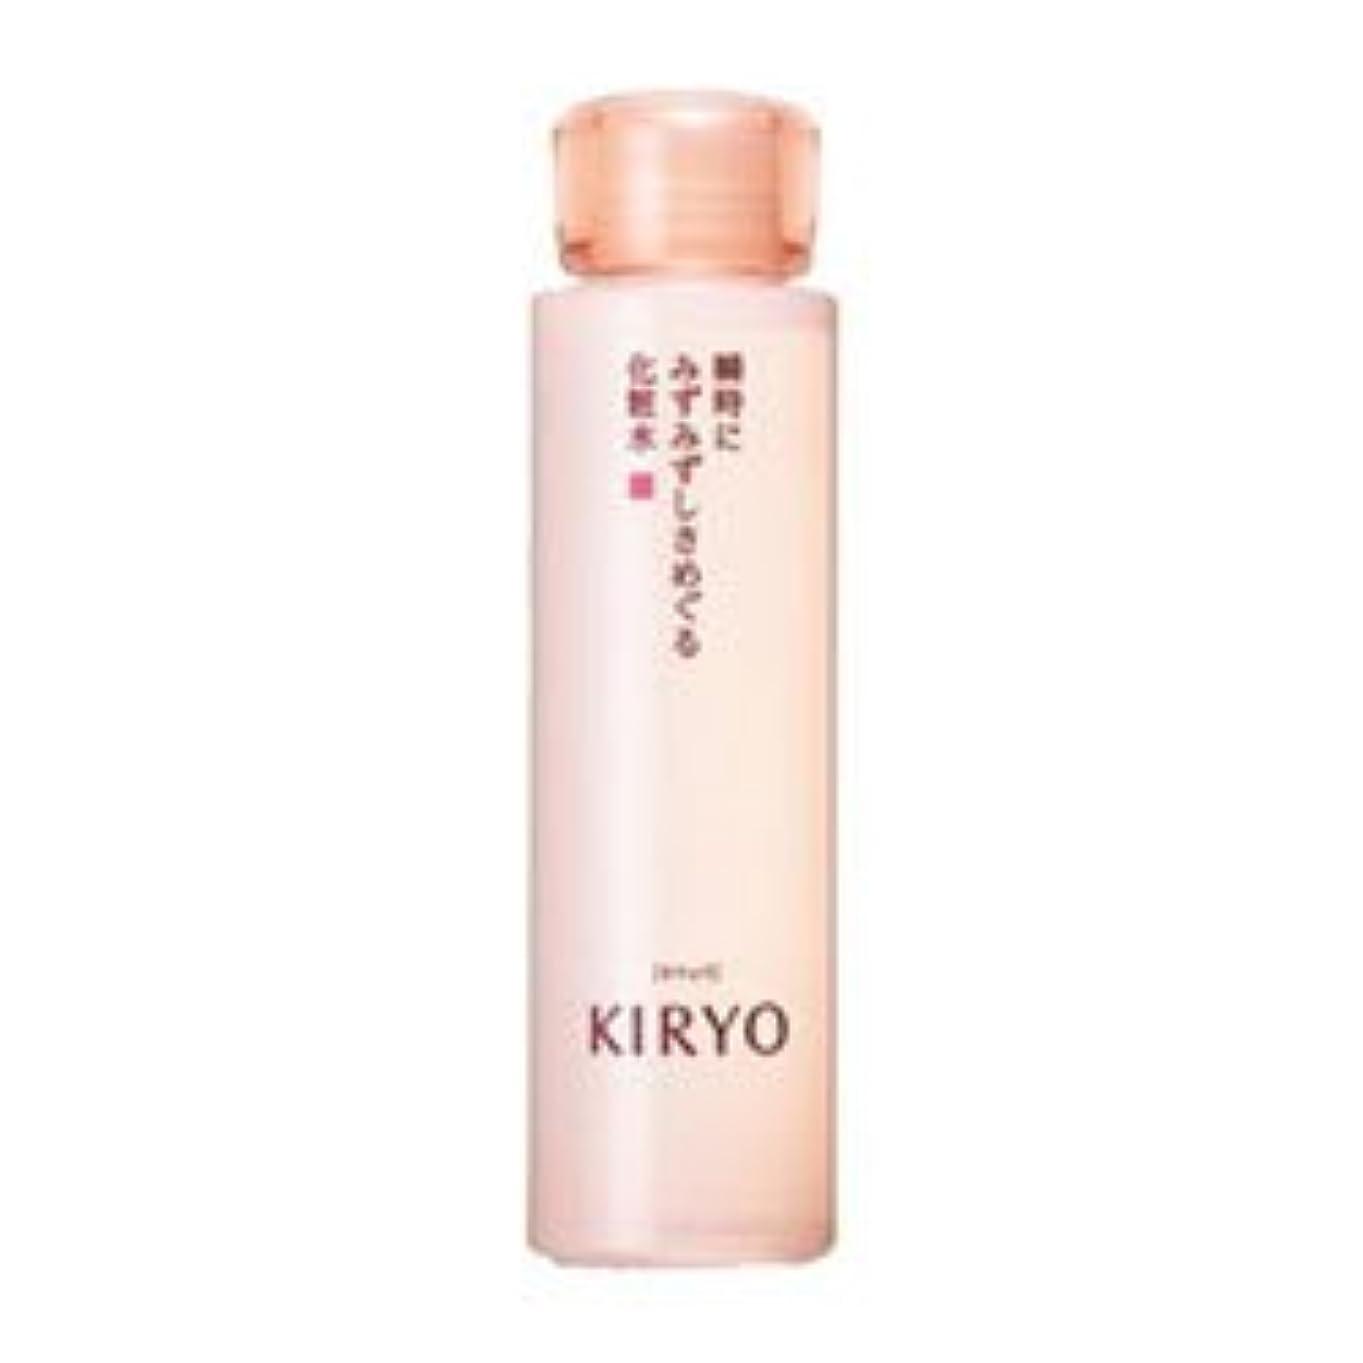 【資生堂】キリョウ ローションI(化粧水) 150ml ×3個セット